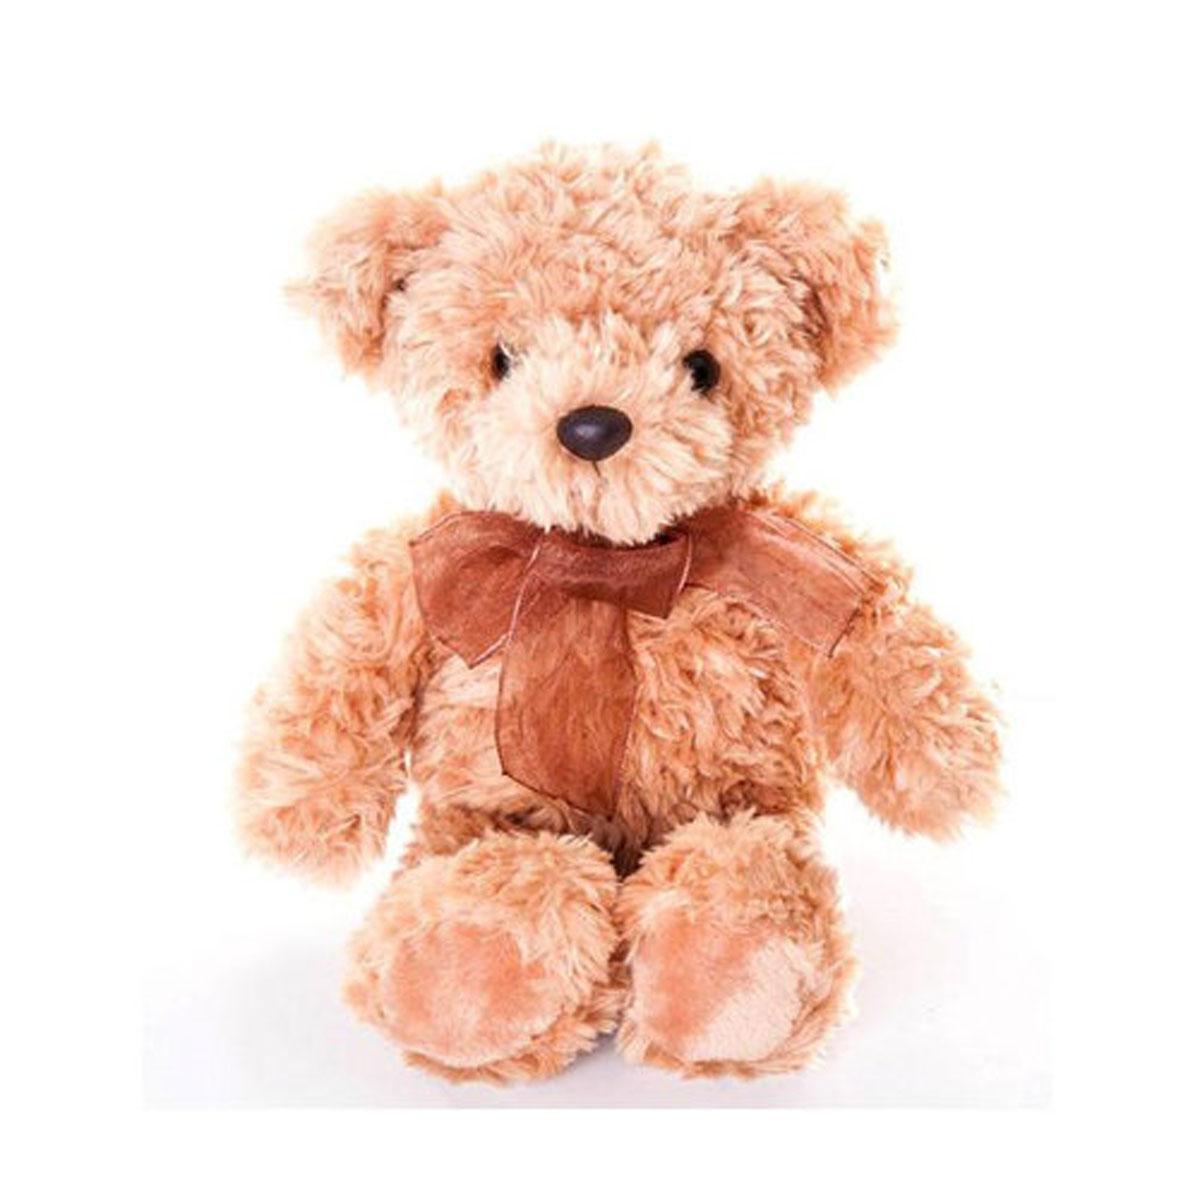 Мягкая игрушка AURORA Медведи Медведь светло-коричневый 20 см<br>